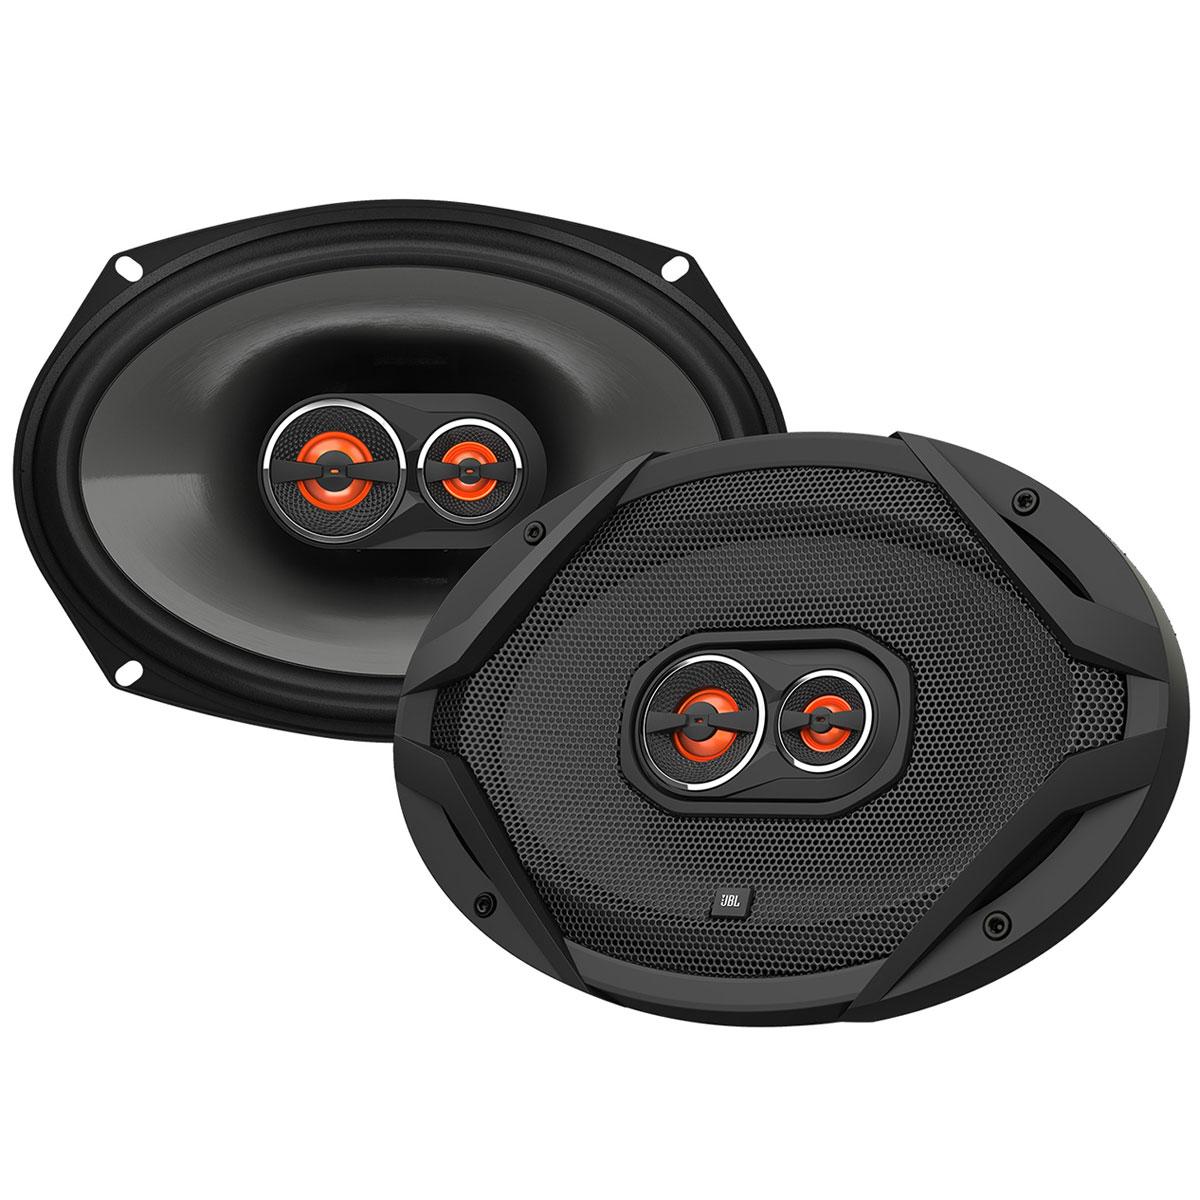 JBL GX963 автоакустика коаксиальнаяGX963Автомобильные динамики JBL GX универсальны и подходят почти под любые разъемы для акустики. Основные особенности серии – новый фирменный дефлектор твитера, индивидуальная настройка и звуковые катушки, которые обеспечивают оптимальное распределение мощности. Диффузоры JBL GX увеличены при помощи технологии Plus One, также динамики оснащены плавнообтекаемыми твитерами с приводом по краю и, конечно, отличаются неотразимым дизайном. Это не просто великолепный звук, это нечто большее!